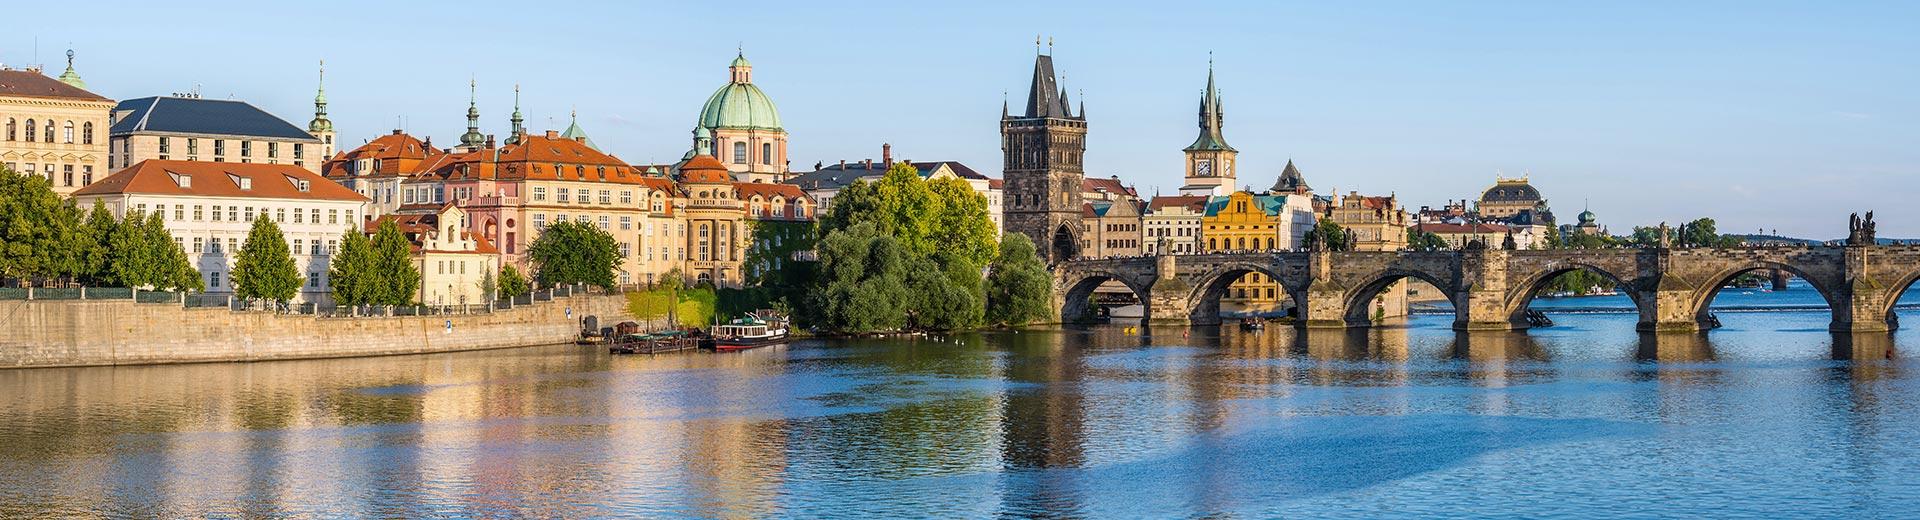 Gruppenreise Prag - Package Gruppen Classic Flug